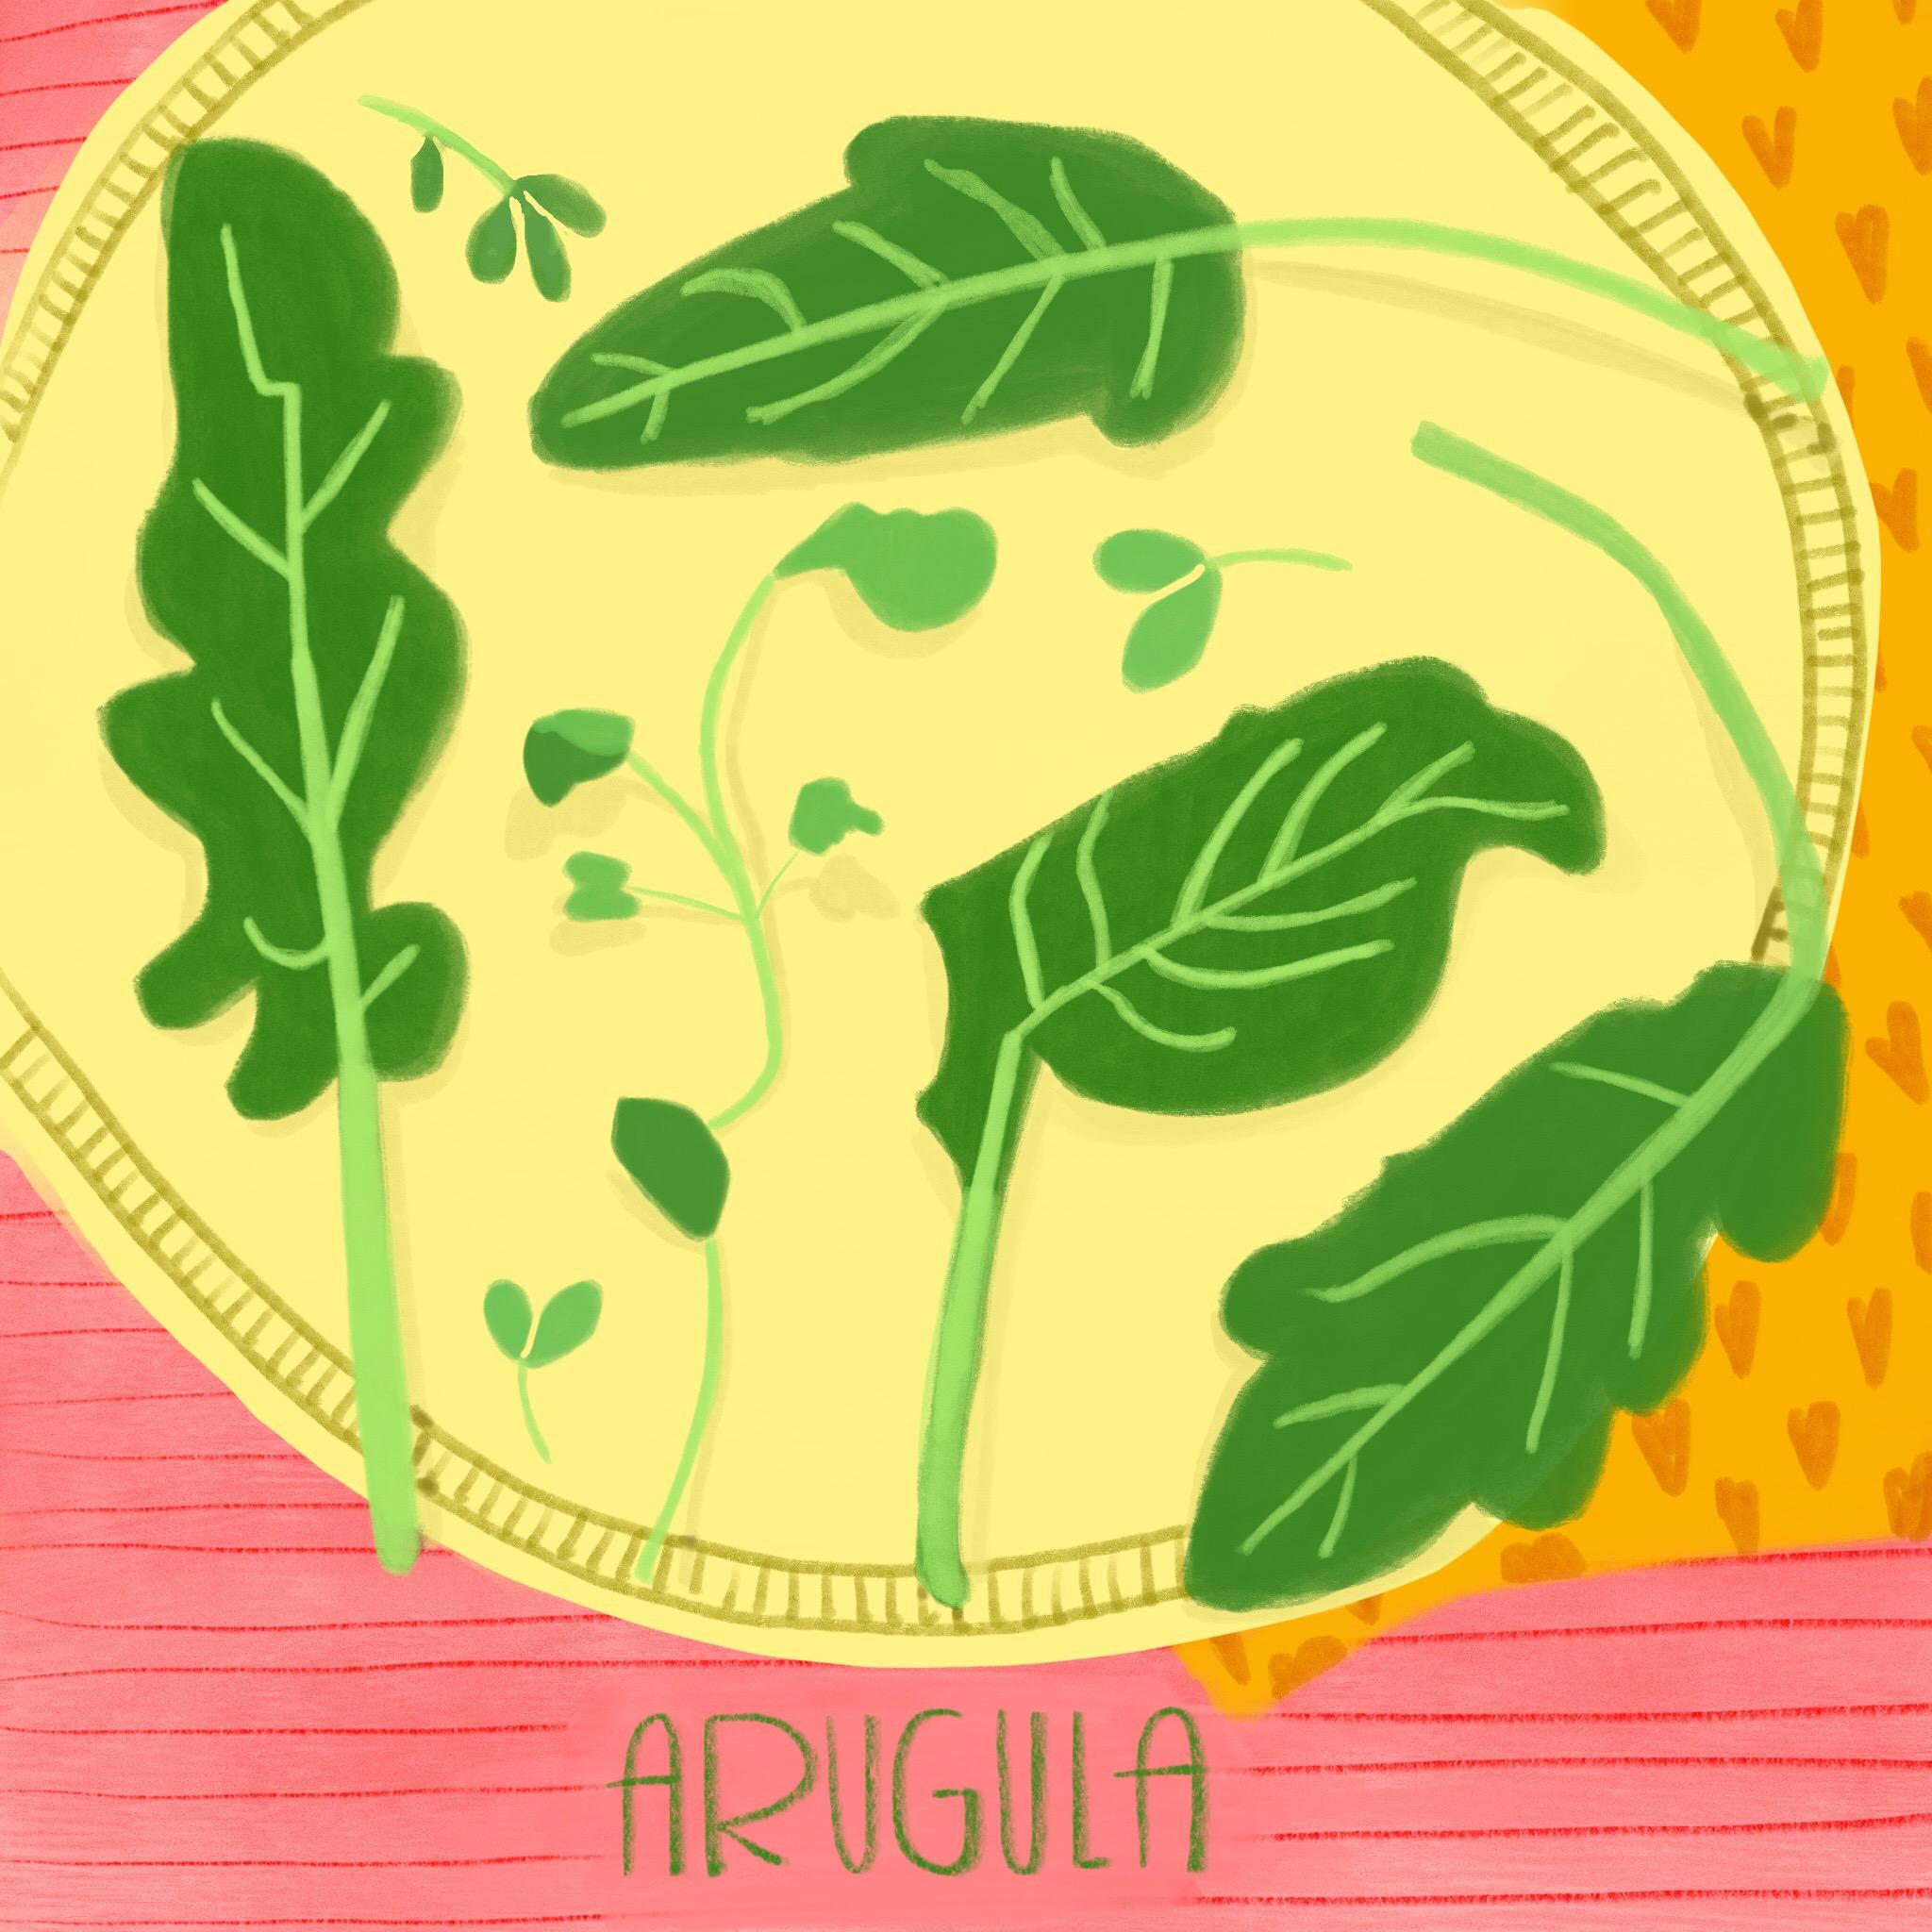 3_-_Arugula.jpg